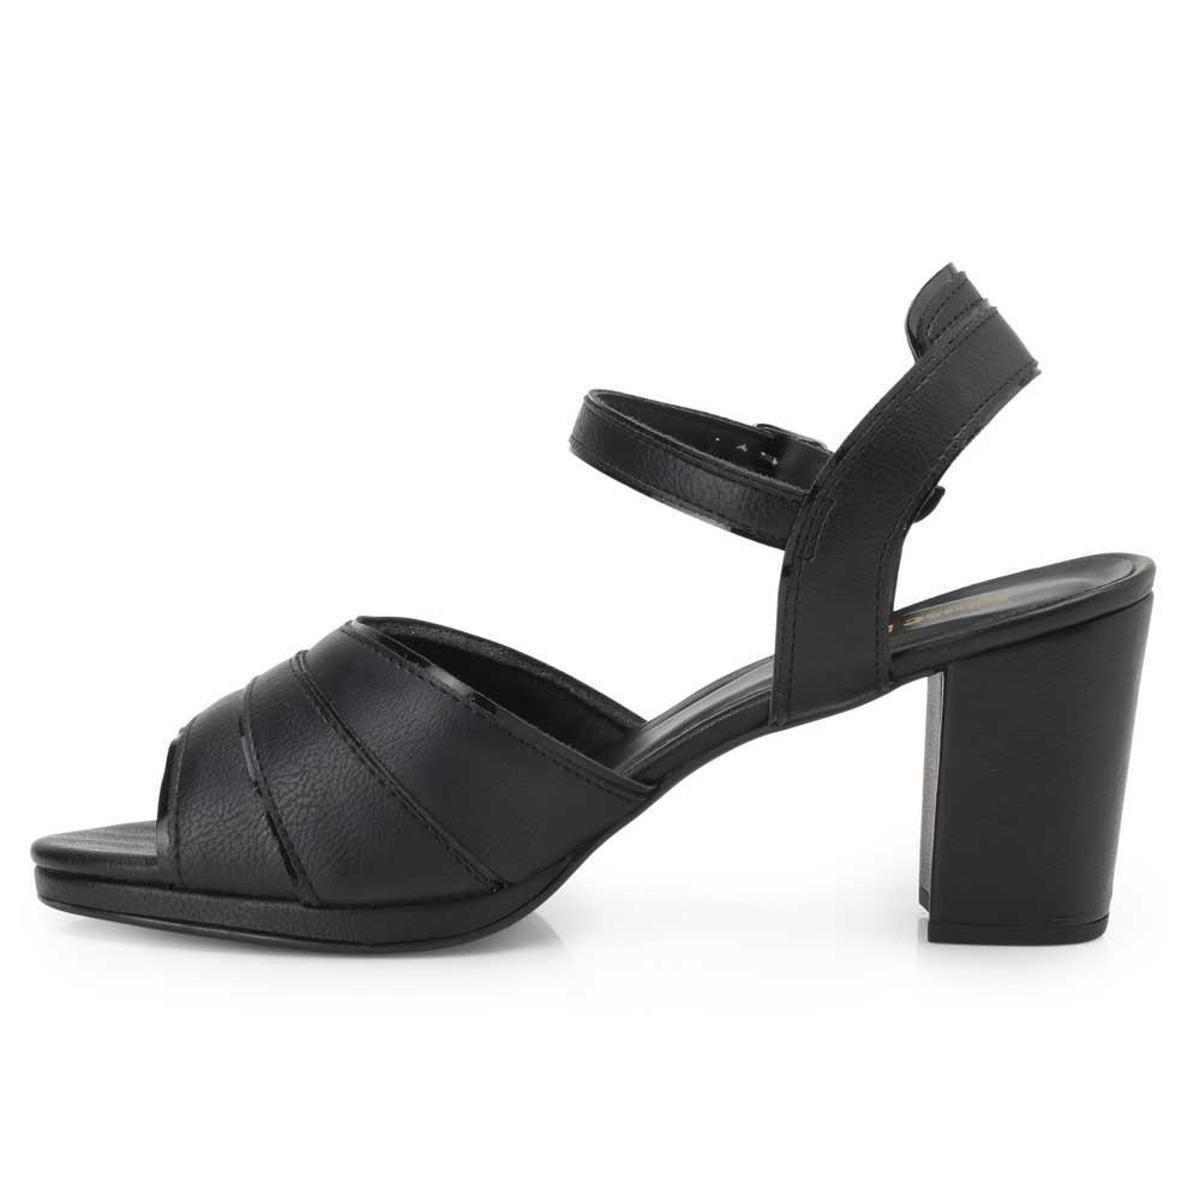 Sandália Sense Flex Feminina - Preto